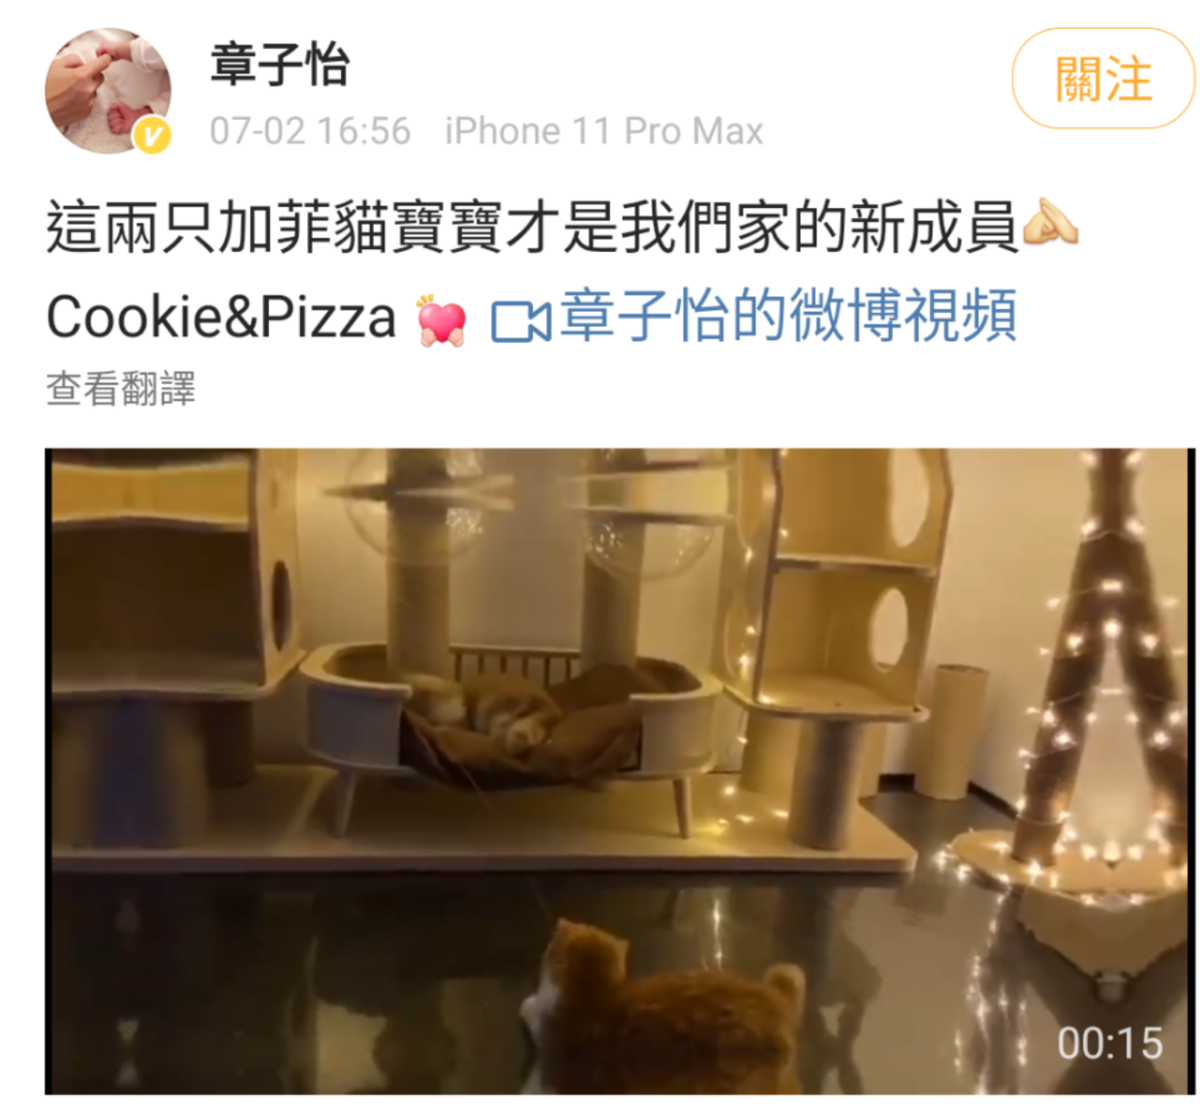 章子怡在微博貼出愛貓影片,表示牠們才是家中新成員,否認懷孕。(翻攝自章子怡微博)